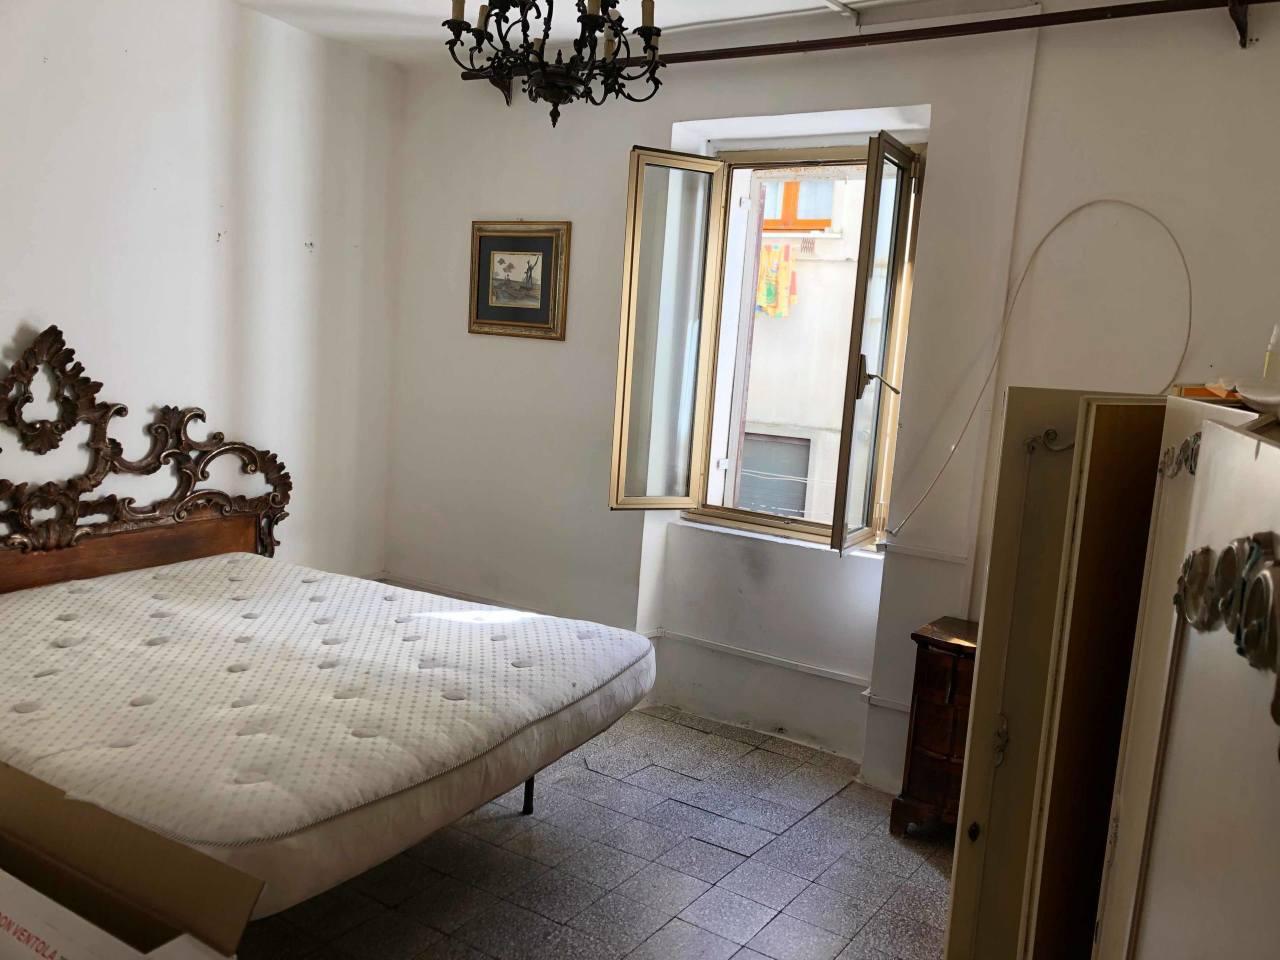 Appartamento in vendita a Palestrina, 2 locali, prezzo € 35.000 | CambioCasa.it